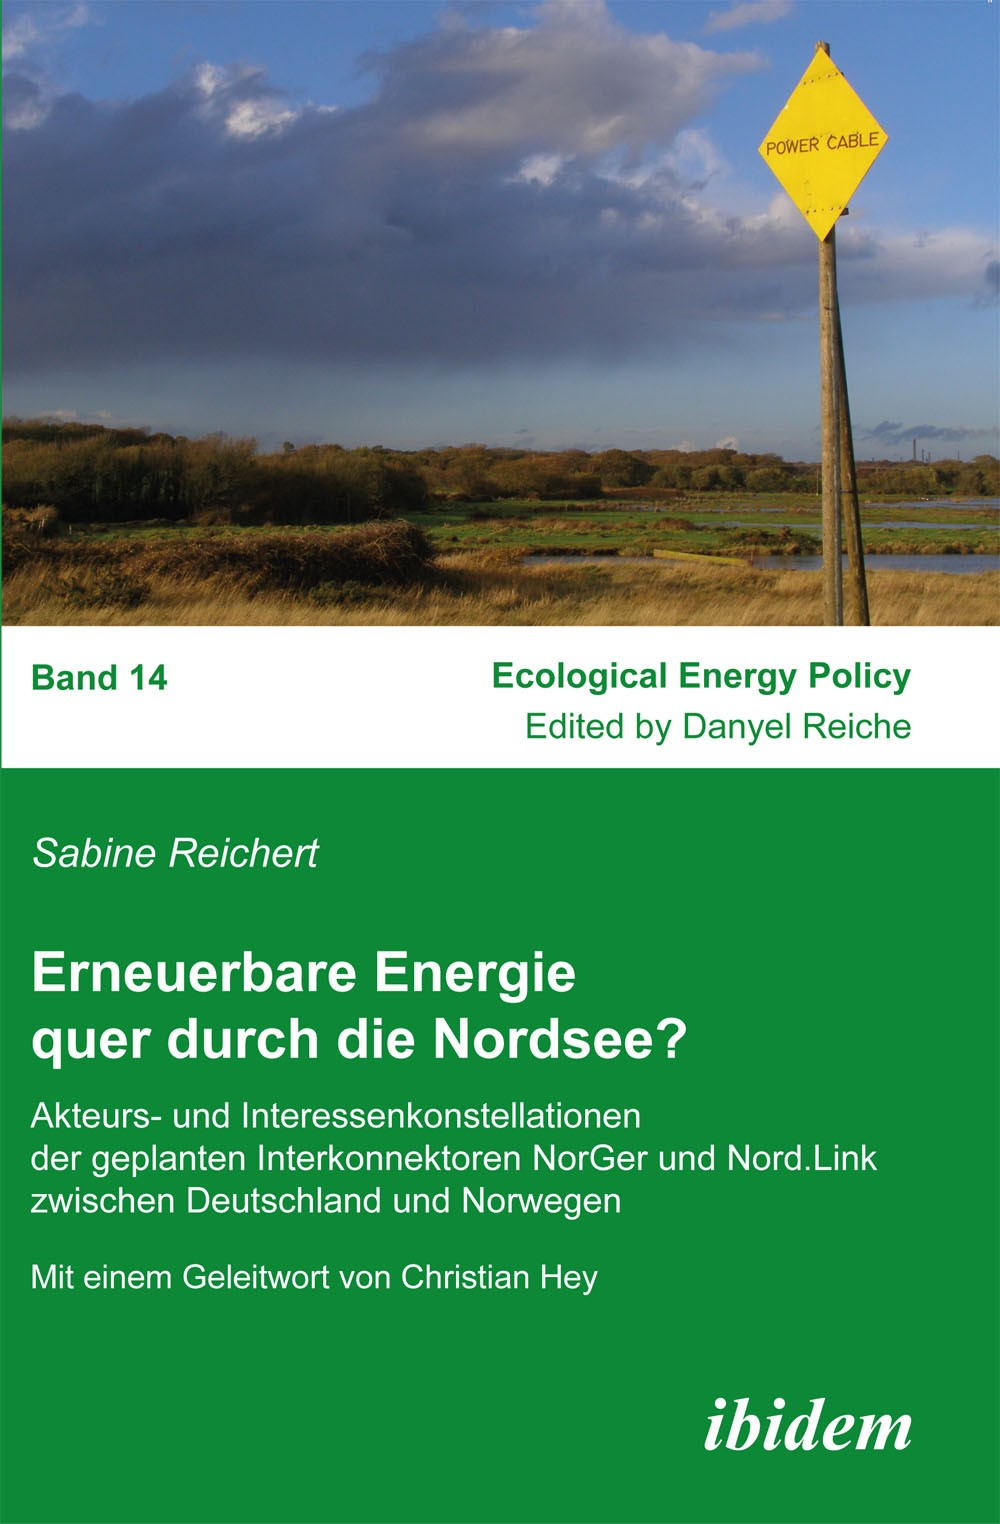 Erneuerbare Energie quer durch die Nordsee?